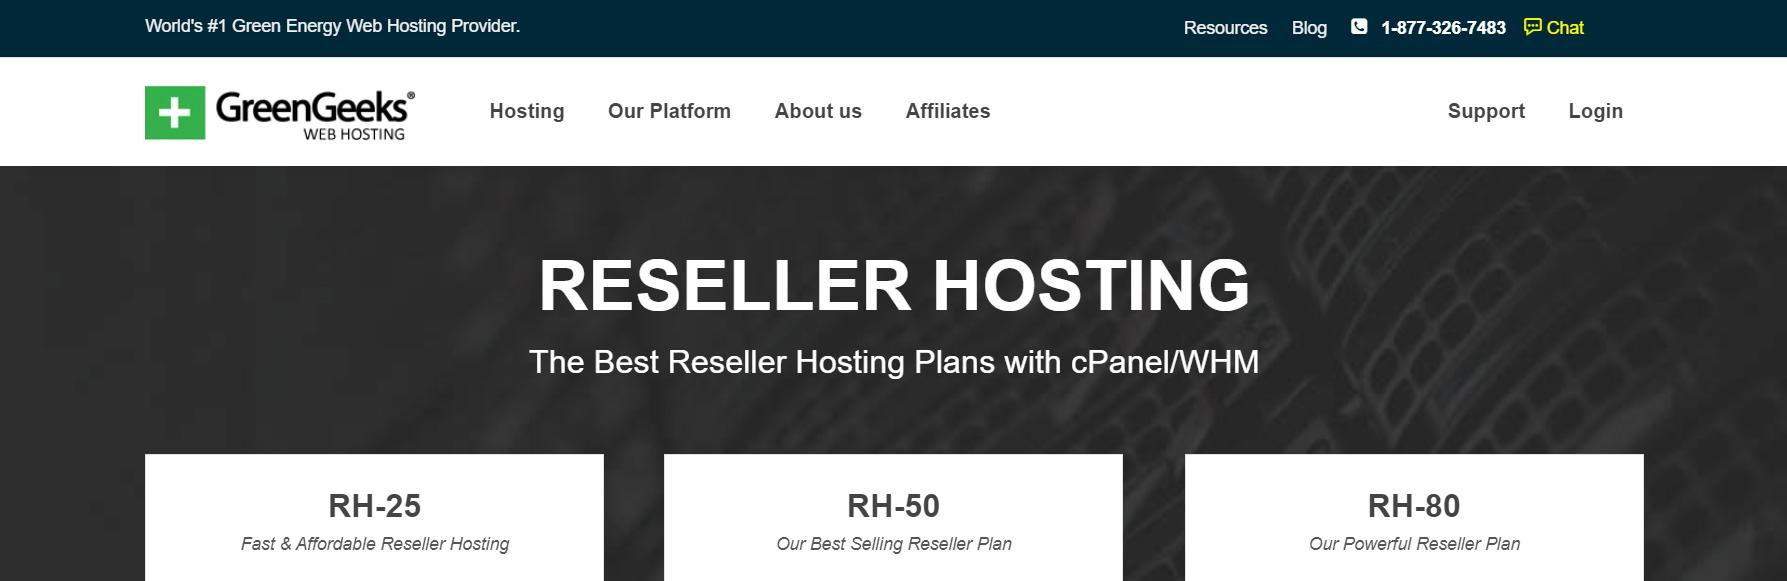 Green Geeks' reseller hosting page.